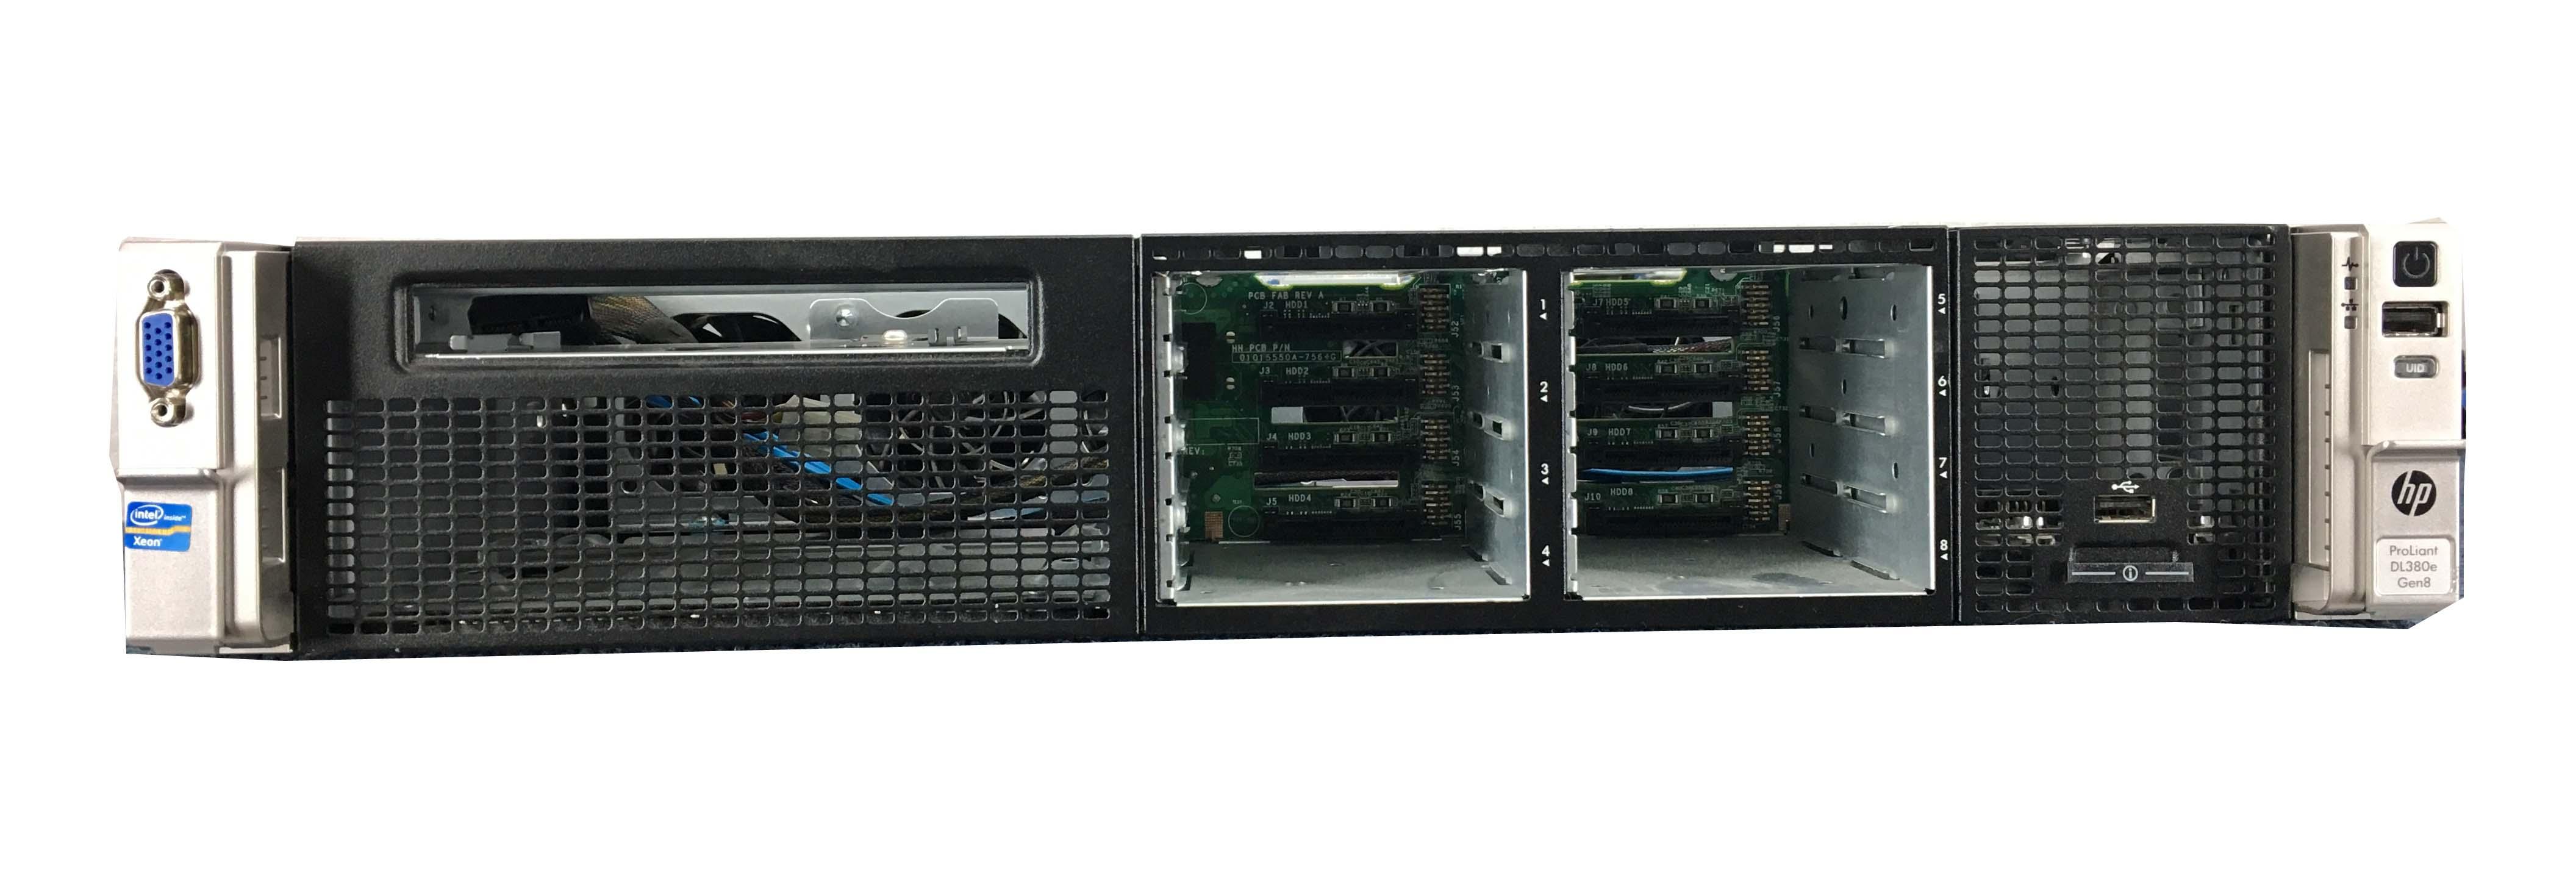 HP Proliant DL380E G8 2U Cto Barebone Server (DL380EG8)